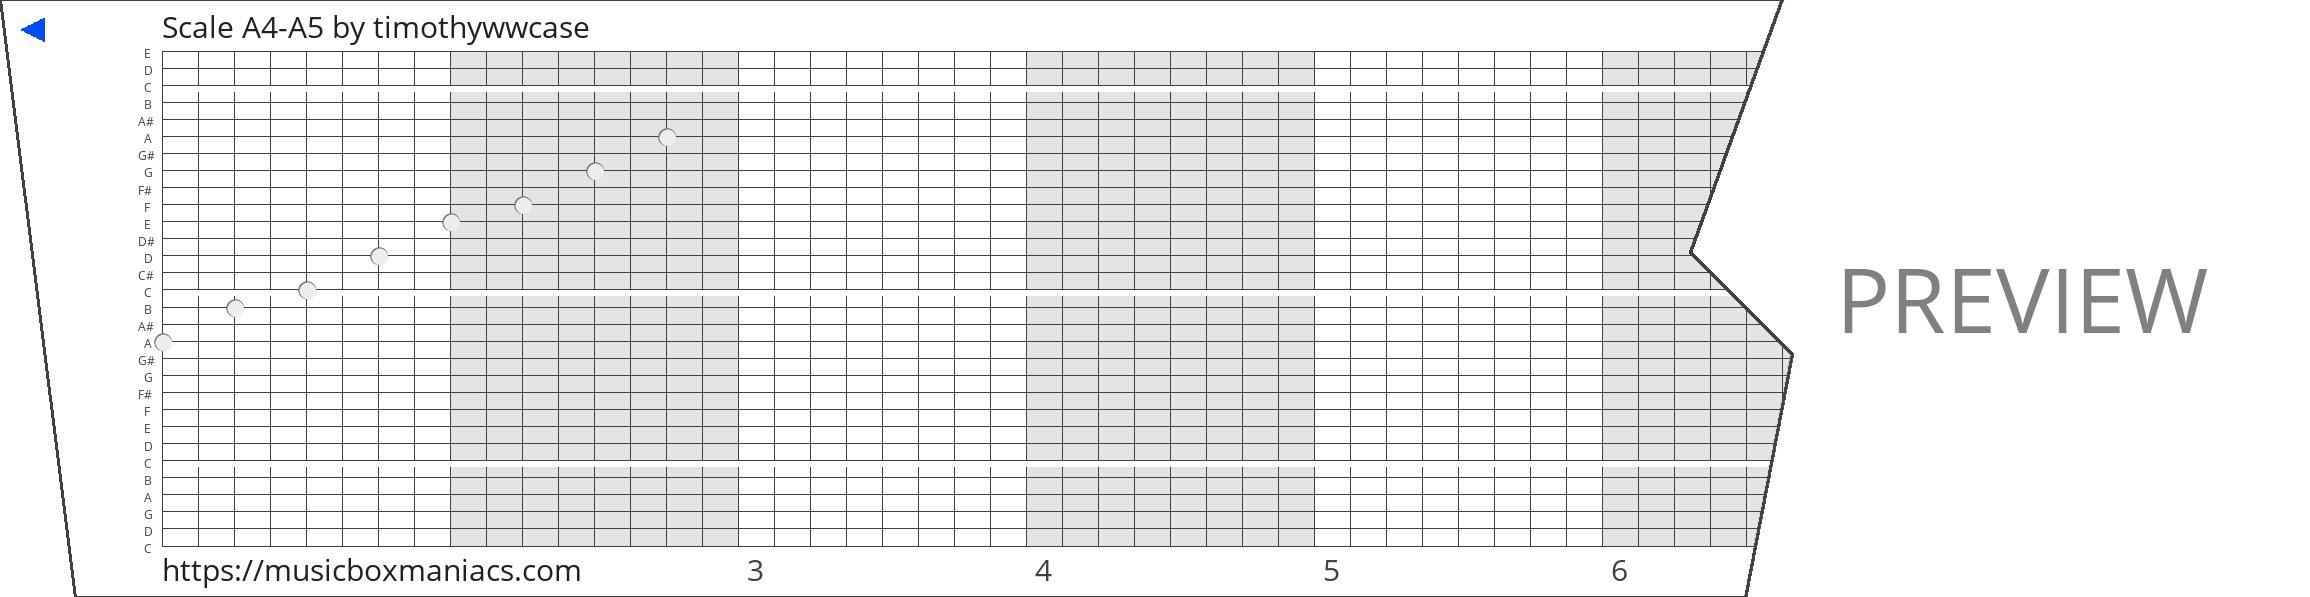 Scale A4-A5 30 note music box paper strip